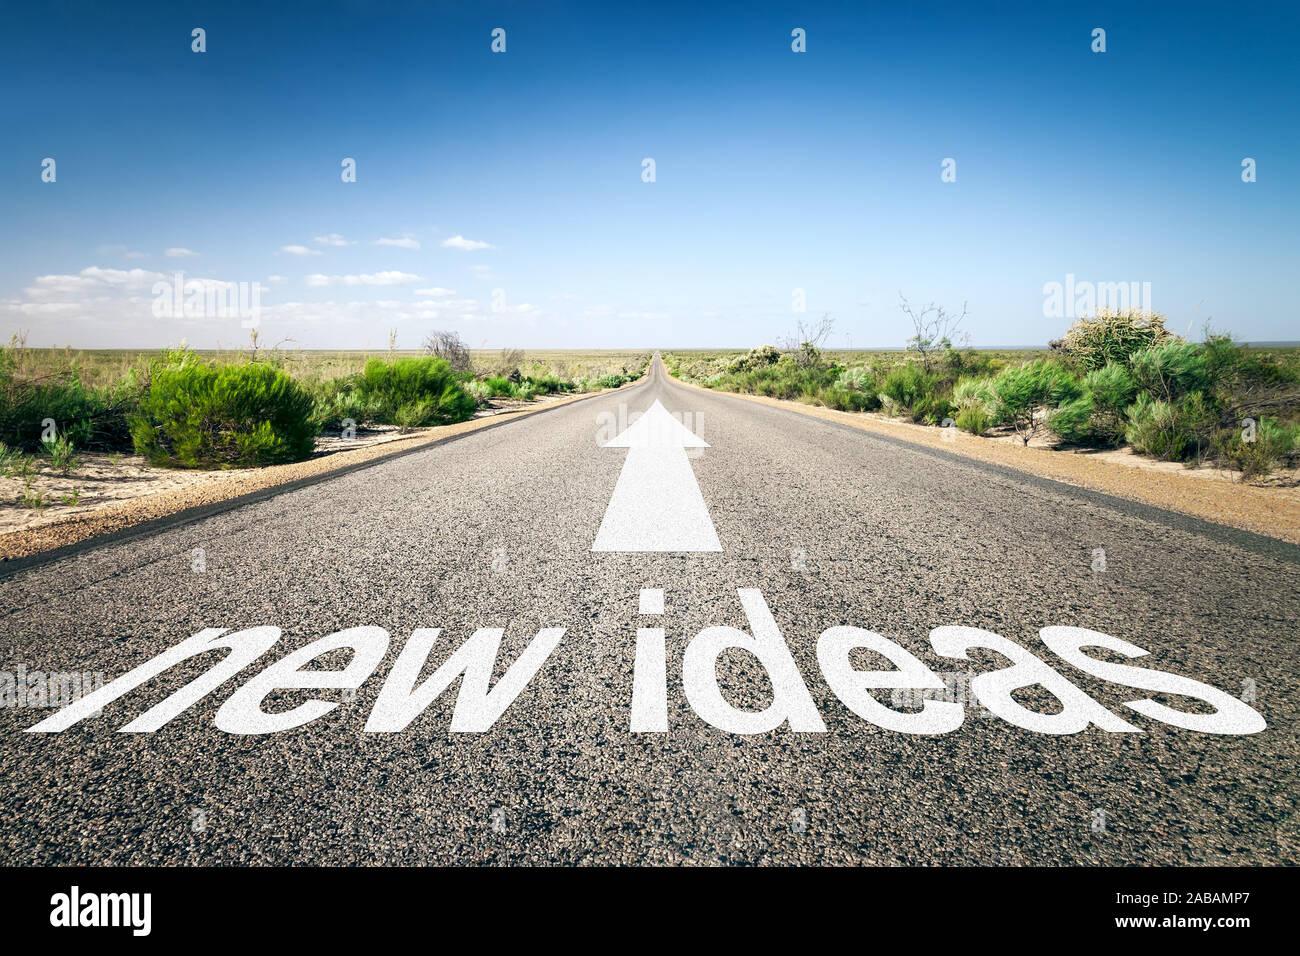 """Eine unendlich lange Strasse mit der wegweisenden Aufschrift: """"new ideas"""" Stock Photo"""